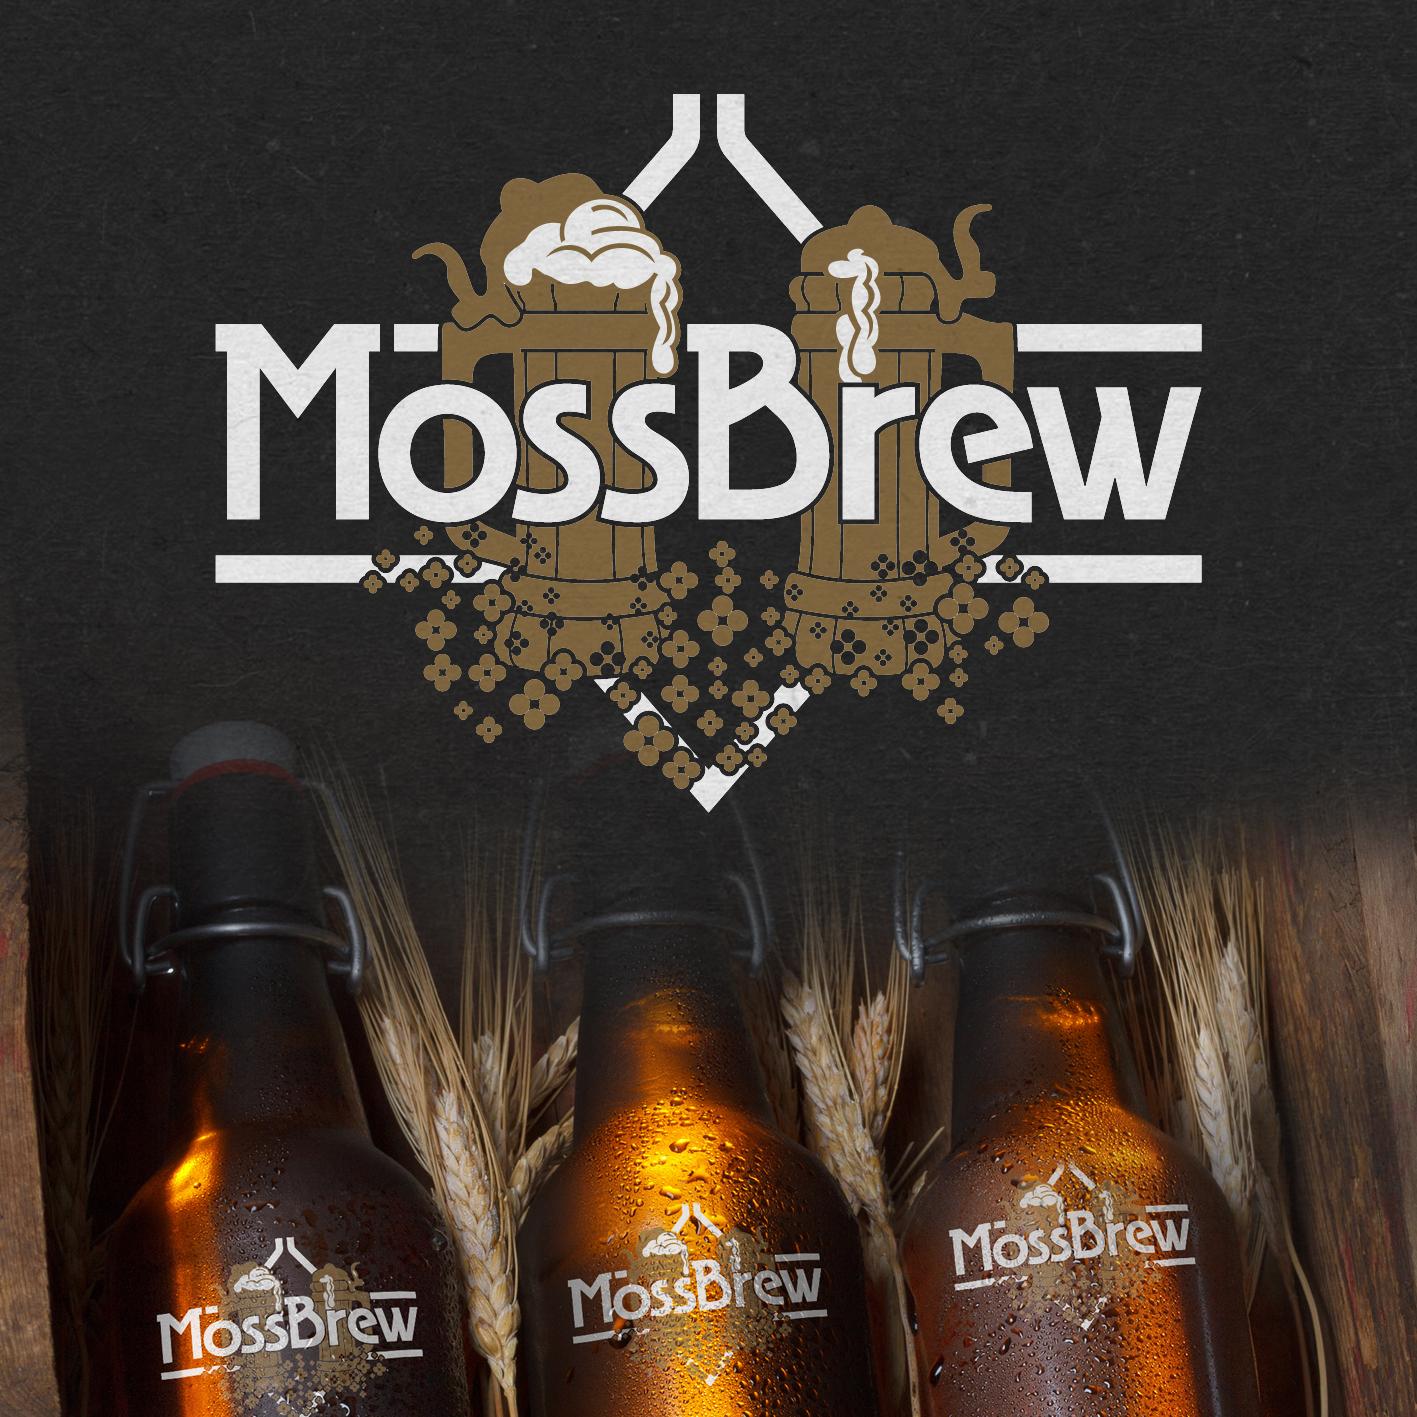 Логотип для пивоварни фото f_8245984f409c0860.jpg